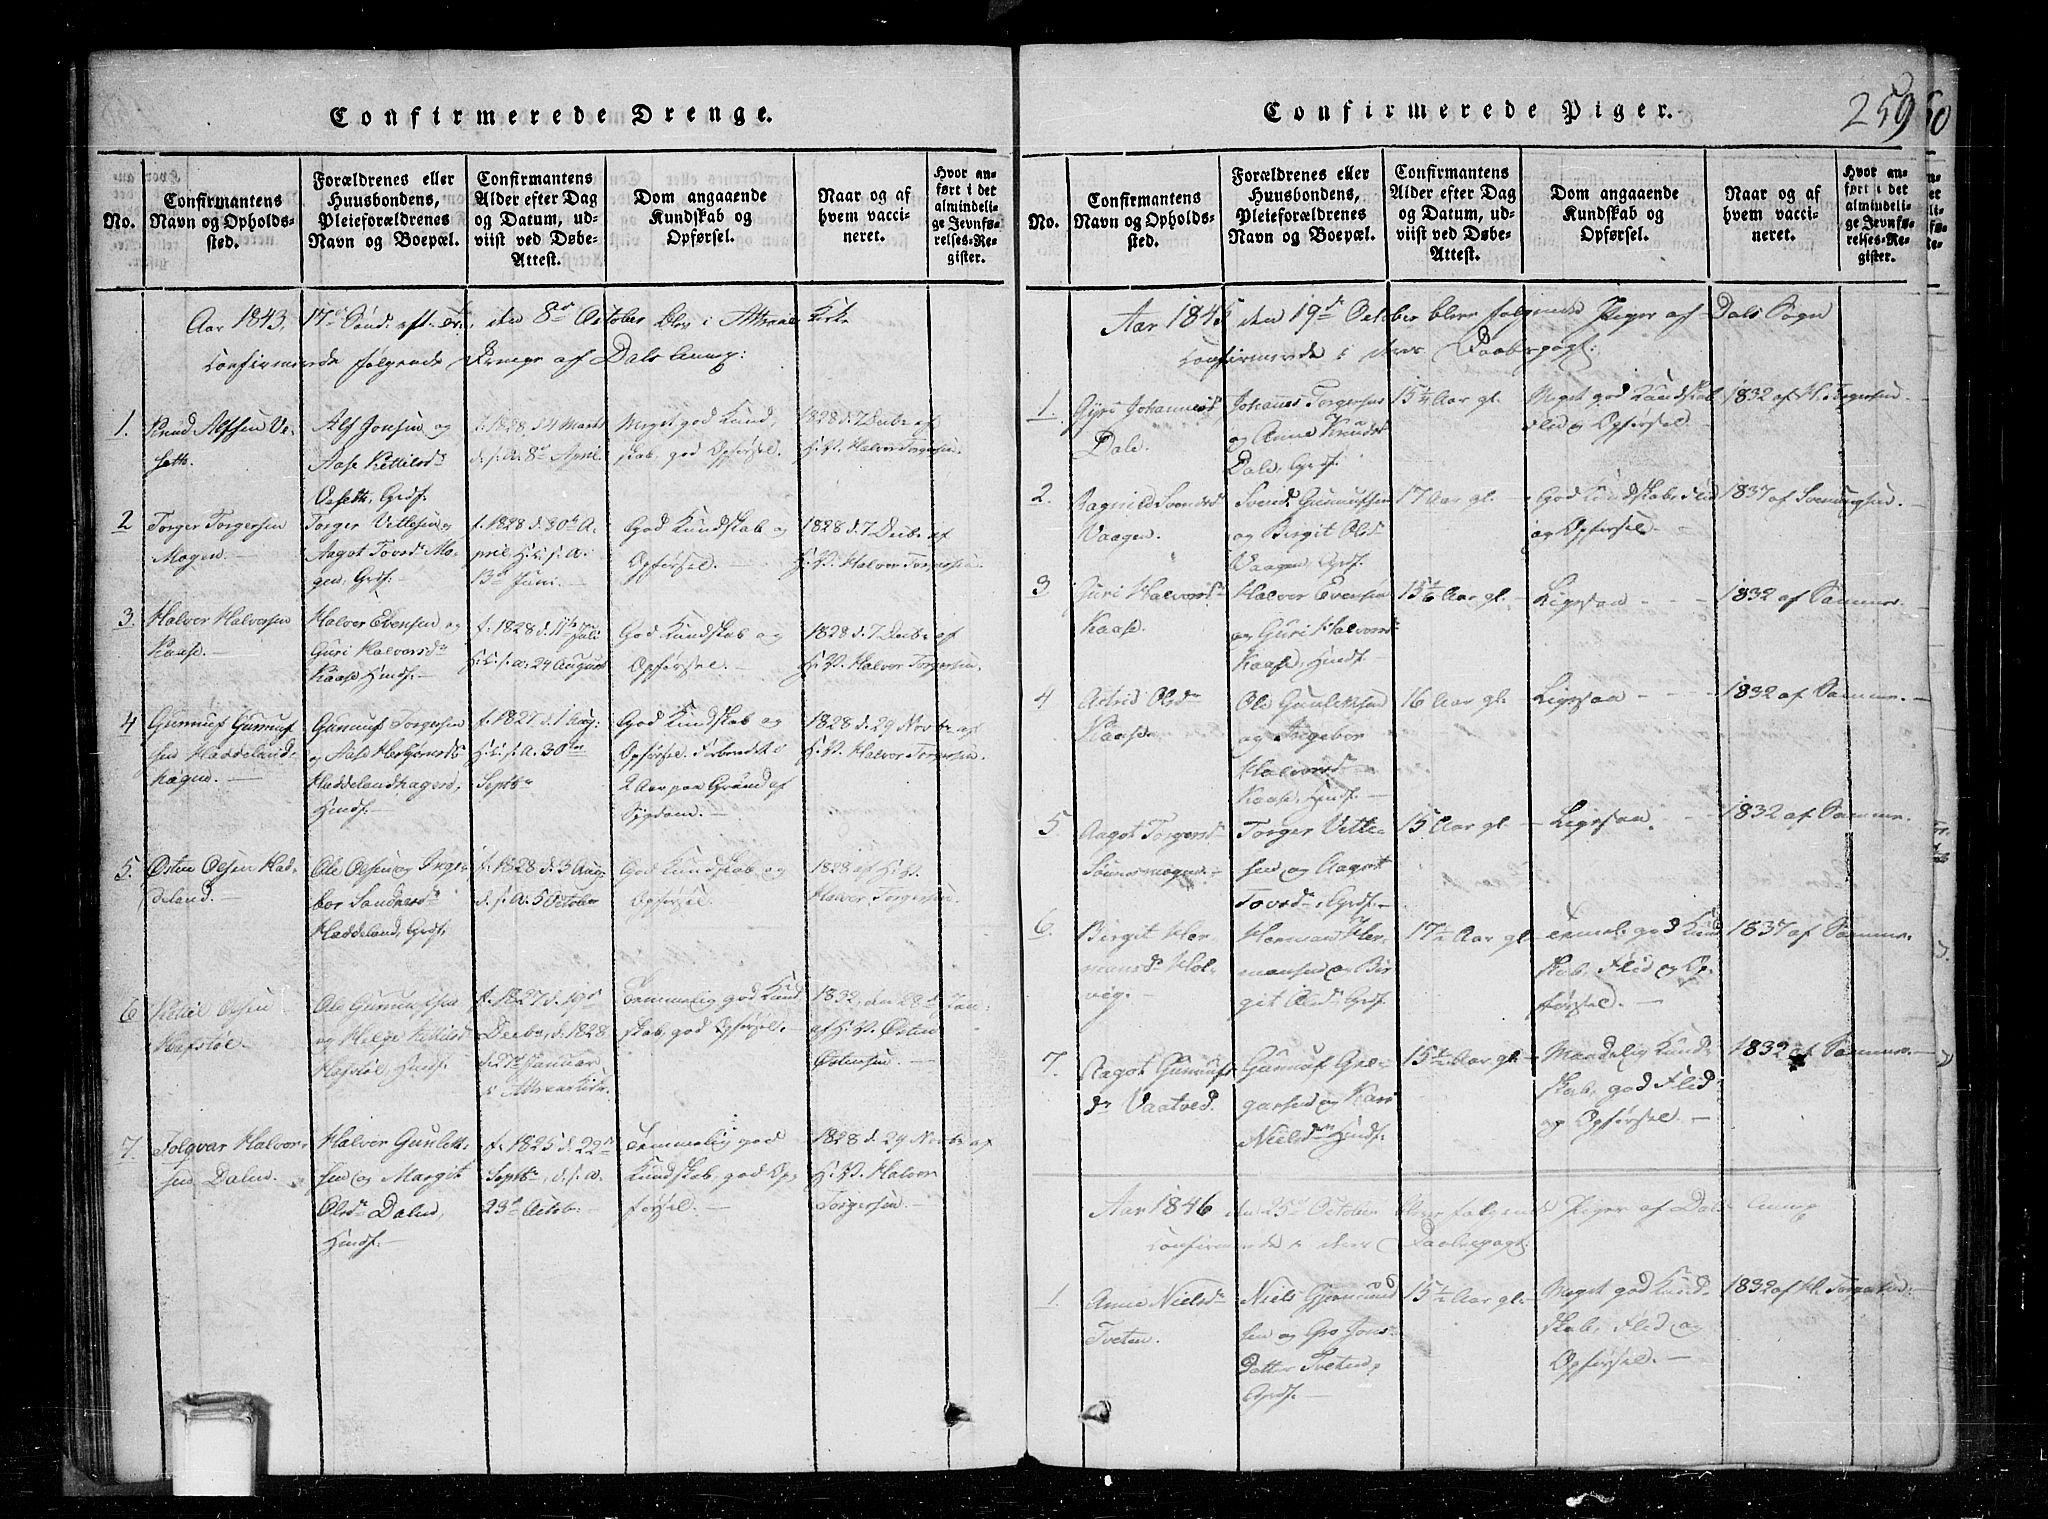 SAKO, Tinn kirkebøker, G/Gc/L0001: Klokkerbok nr. III 1, 1815-1879, s. 259